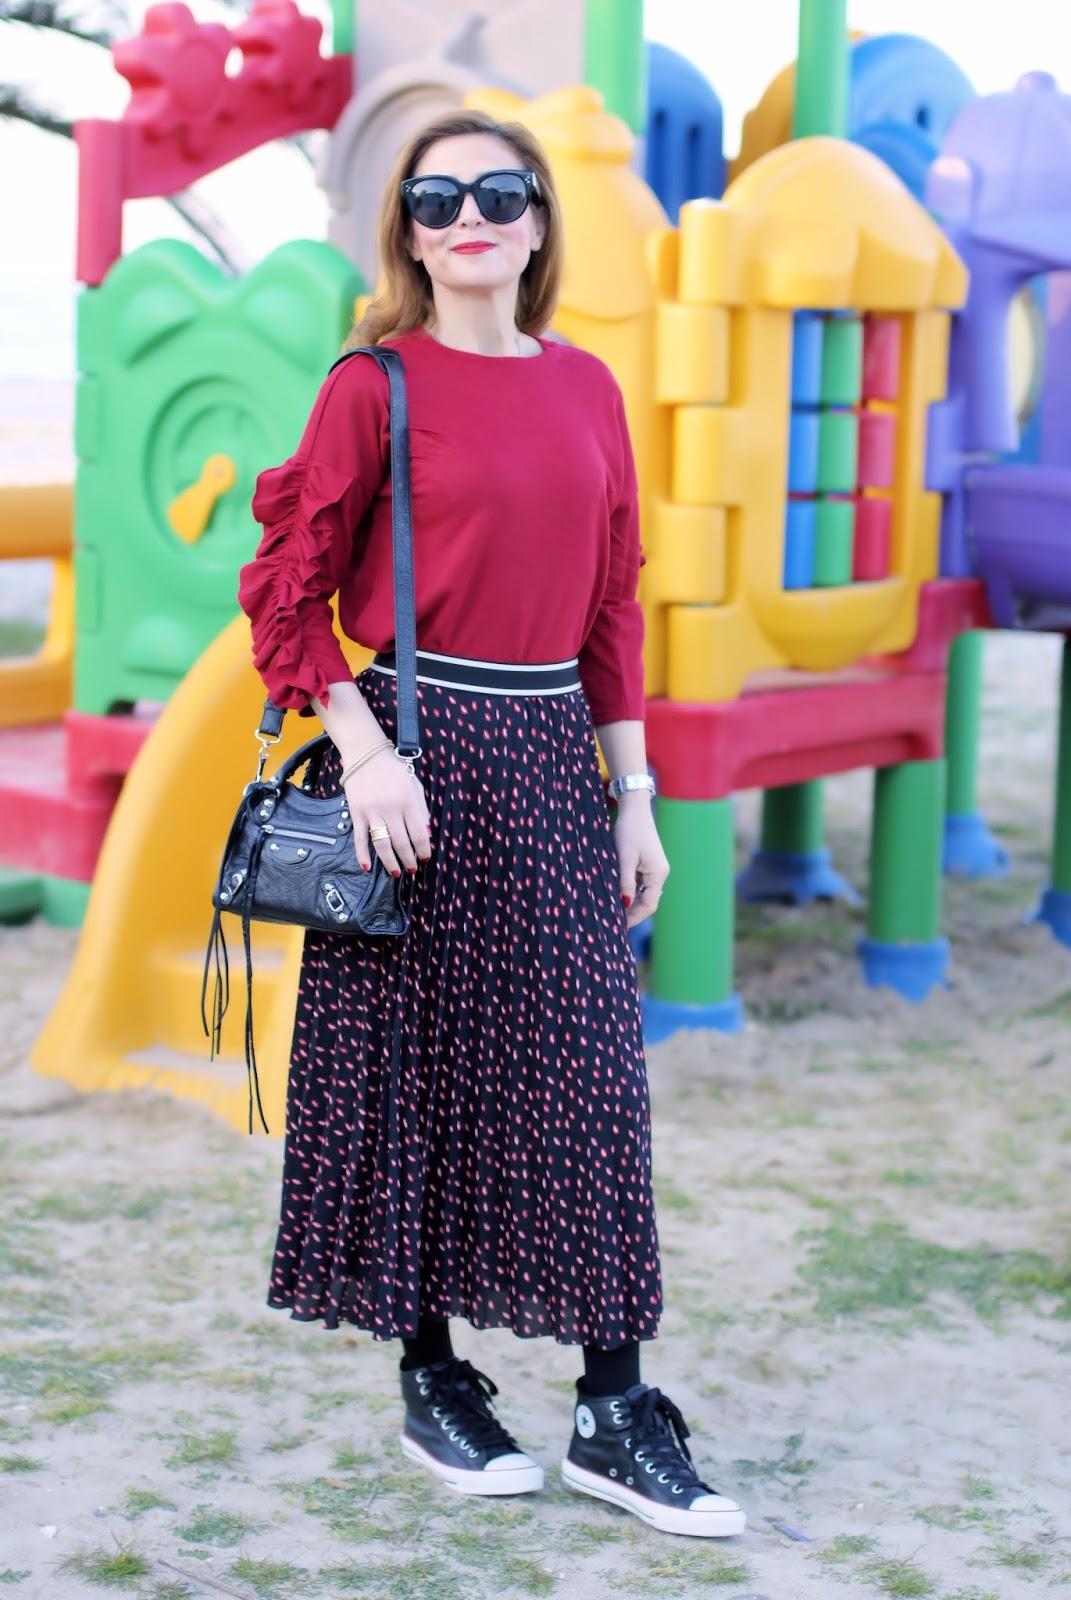 jupe et une touche de rouge rouge rouge | converser chaussures mode et biscuits 9b4470